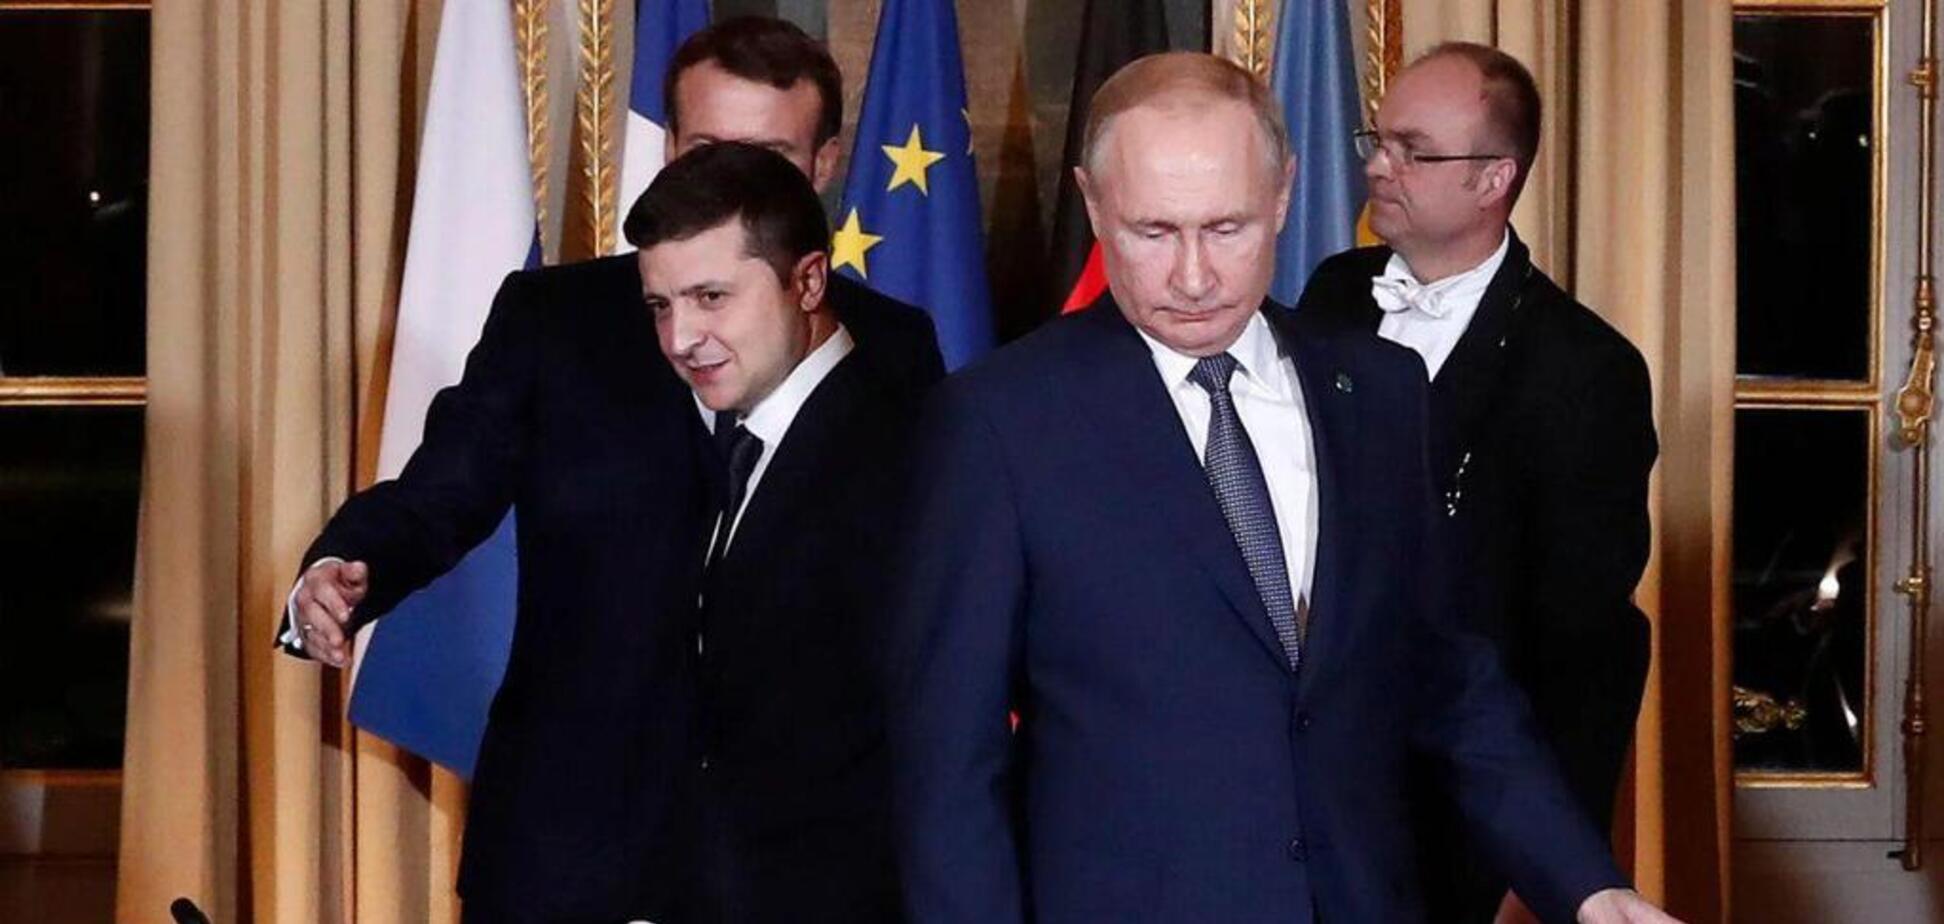 Зеленський і Путін підпишуть 'Мінськ-3'? Спливли гучні подробиці 'нормандської зустрічі'